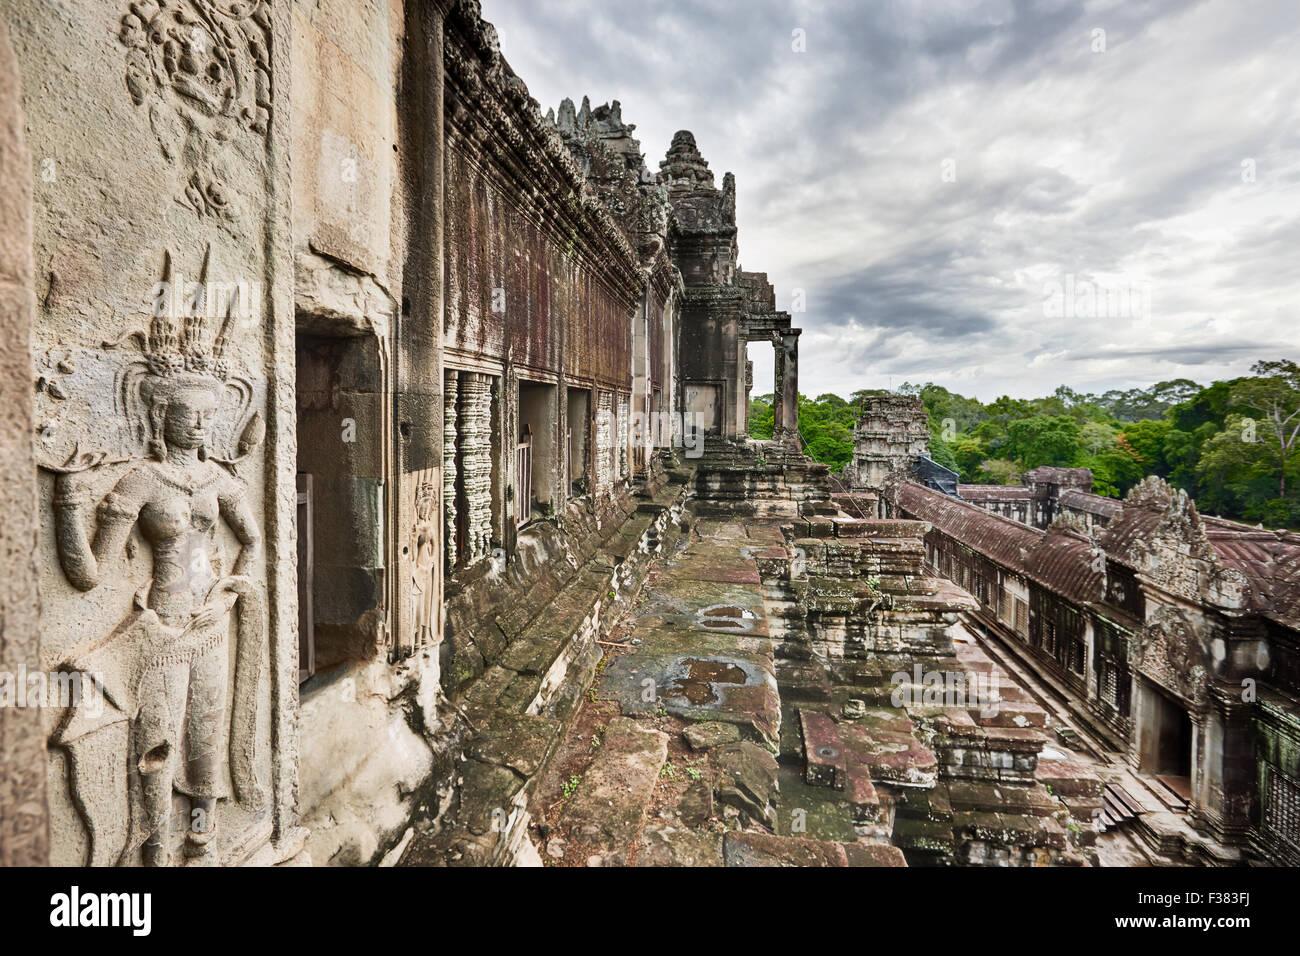 Vue depuis l'étage supérieur de temple d'Angkor Wat. Parc archéologique d'Angkor, la Photo Stock